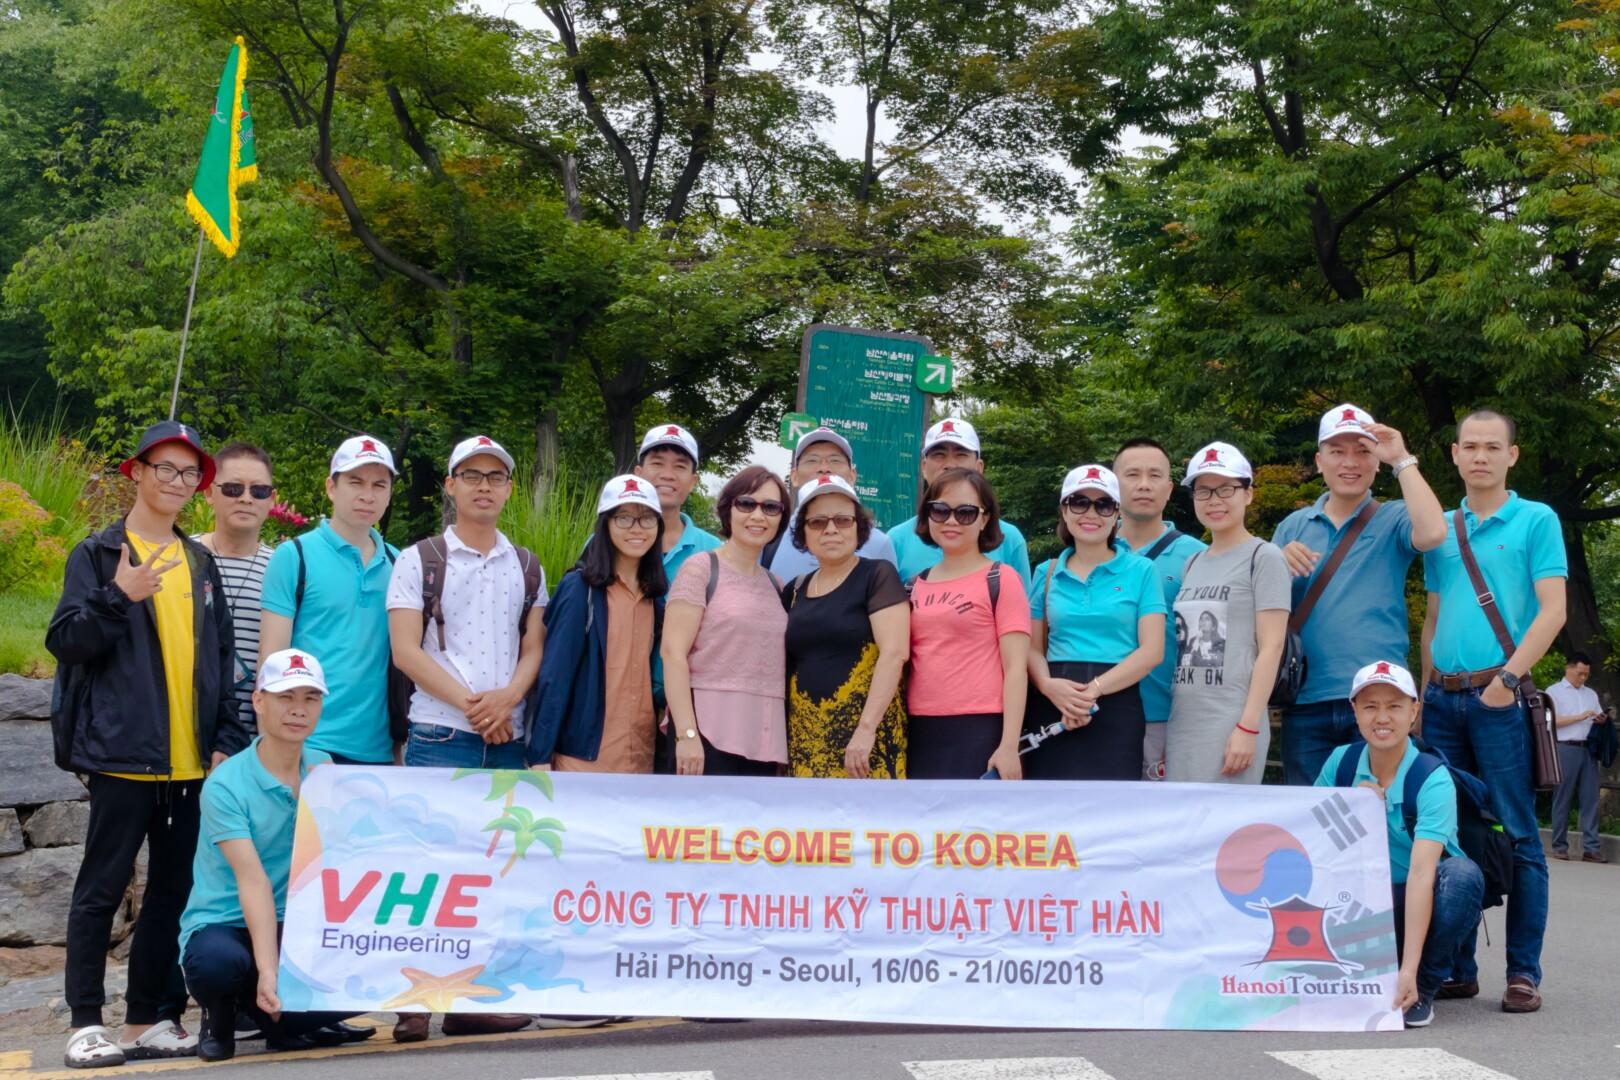 Chuyến du lịch diễn ra thành công với sự góp mặt của toàn thể CBCNV